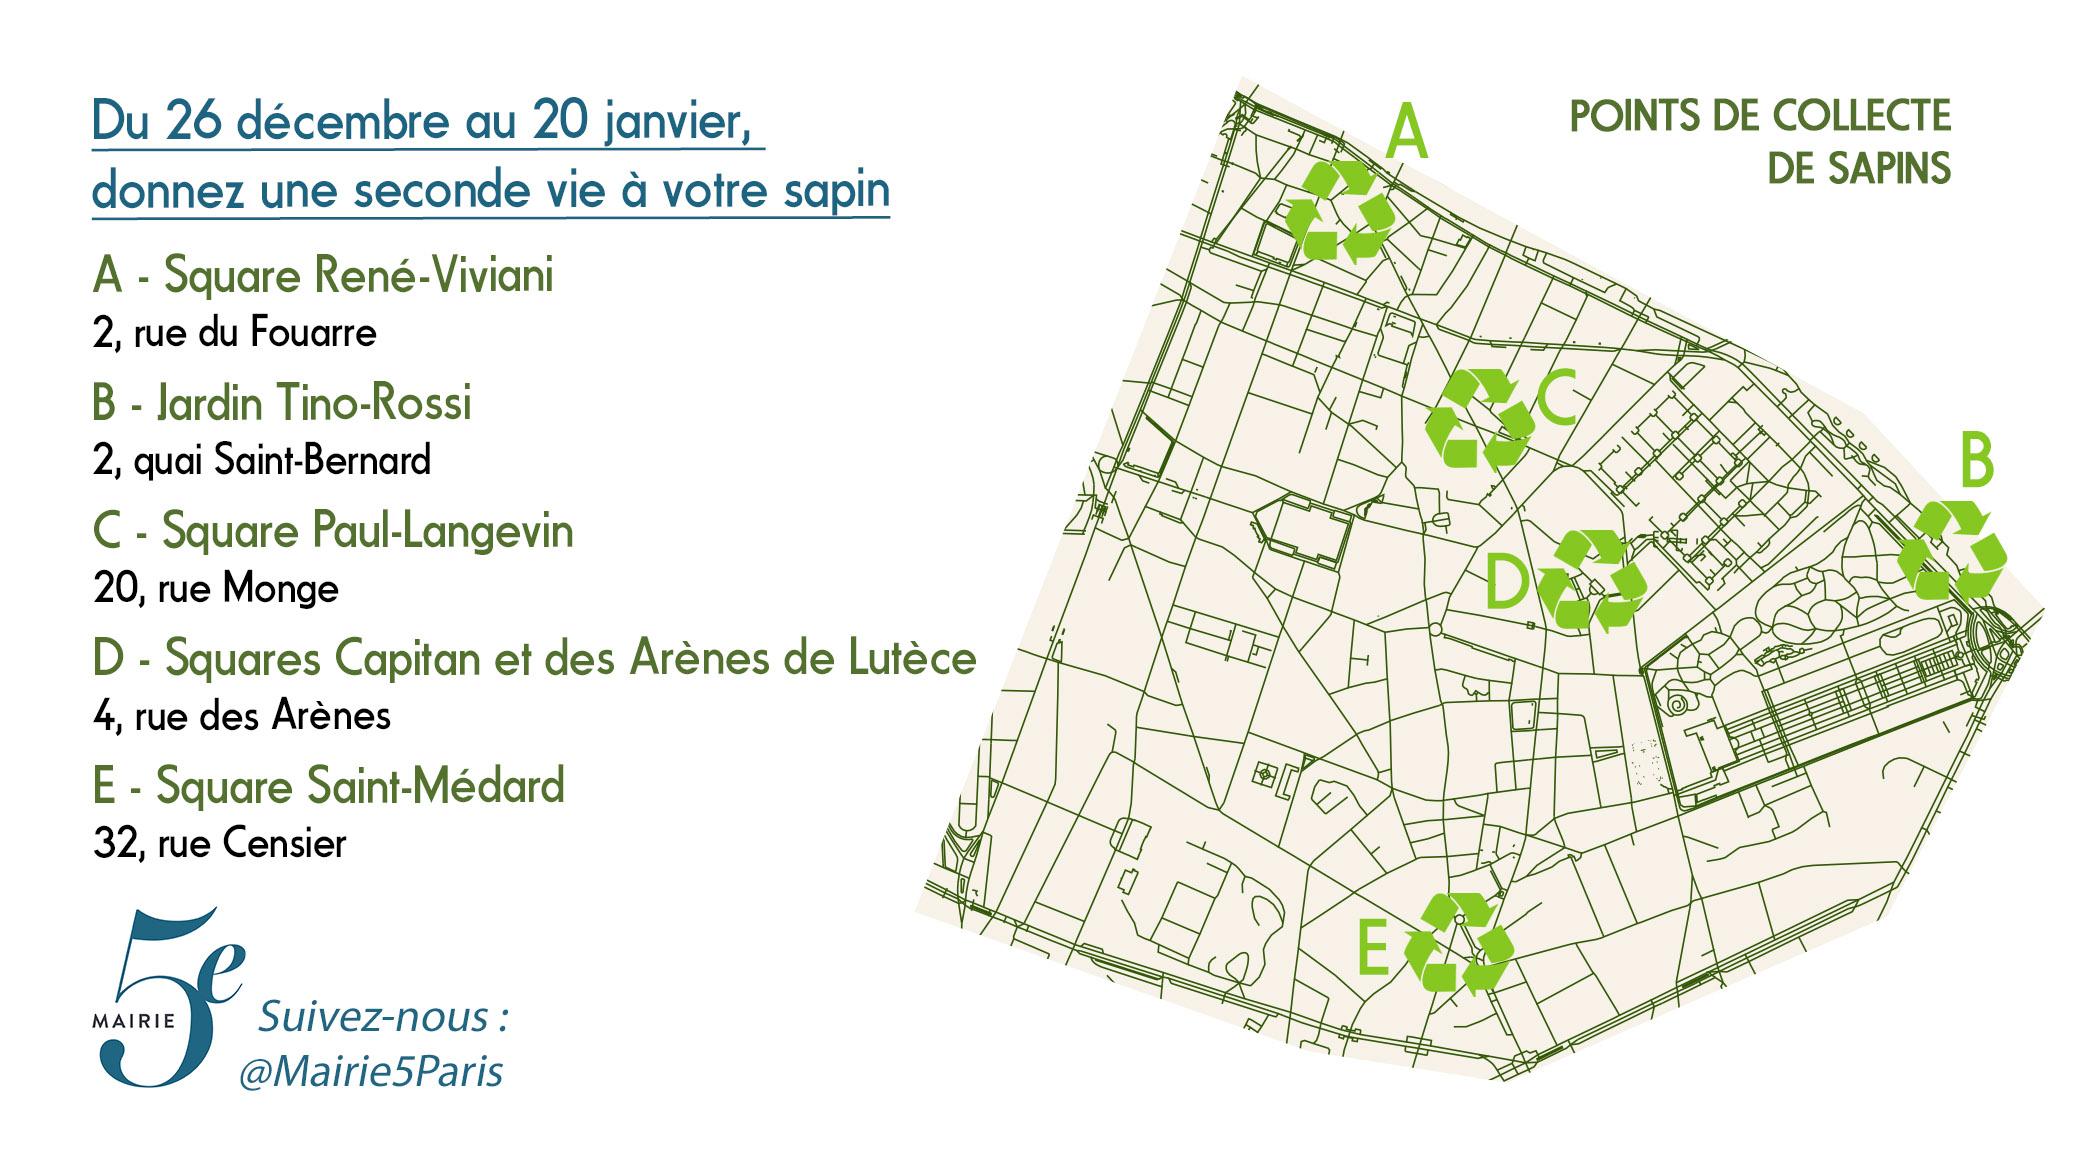 Mairie5paris recycler sapins